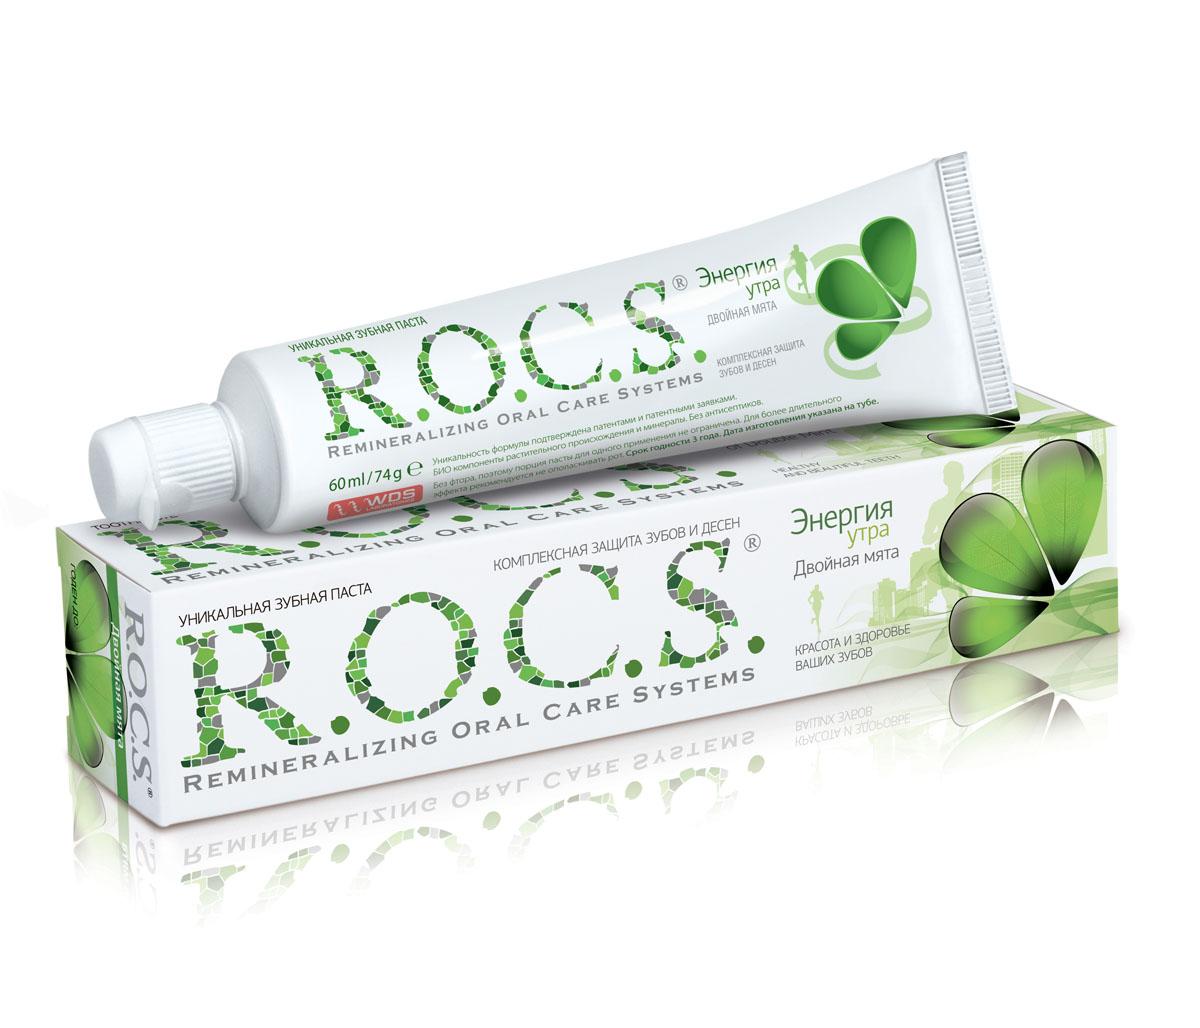 Зубная паста R.O.C.S. Двойная мята, 74 г5010777139655Уникальная зубная паста R.O.C.S. Двойная мята - комплексная защита зубов и десен. Значительное количество ингредиентов зубной пасты попадает в кровь через слизистую оболочку полости рта в момент чистки зубов. Вот почему так важно, чтобы паста была безопасной. Запатентованная формула R.O.C.S. содержи био-компоненты растительного происхождения, активность которых сохраняется благодаря применяемой низкотемпературной технологии приготовления зубной пасты.Высокая эффективность R.O.C.S. подтверждена клиническими исследованиями: Защищает от кариеса и нормализует состав микрофлоры полости рта;Возвращает белизну и блеск эмали за счет действия ферментативной системы в сочетании с минеральным комплексом;Устраняет кровоточивость и воспаление десен без применения антисептиков. Характеристики: Вес: 74 г. Производитель: Россия. Артикул: 70463. Товар сертифицирован.